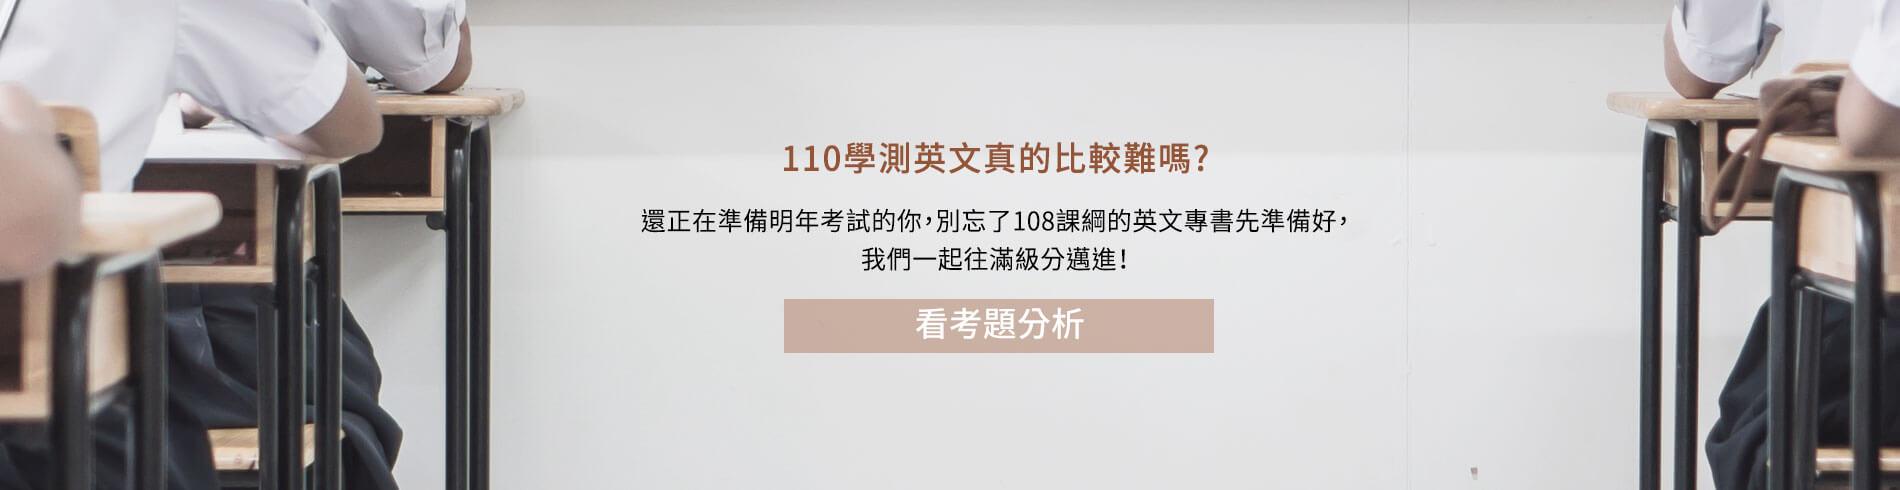 110學測英文真的比較難嗎? 來看題型分析~~還正在準備明年考試的你,別忘了108課綱的英文專書先準備好,我們一起往滿級分邁進!